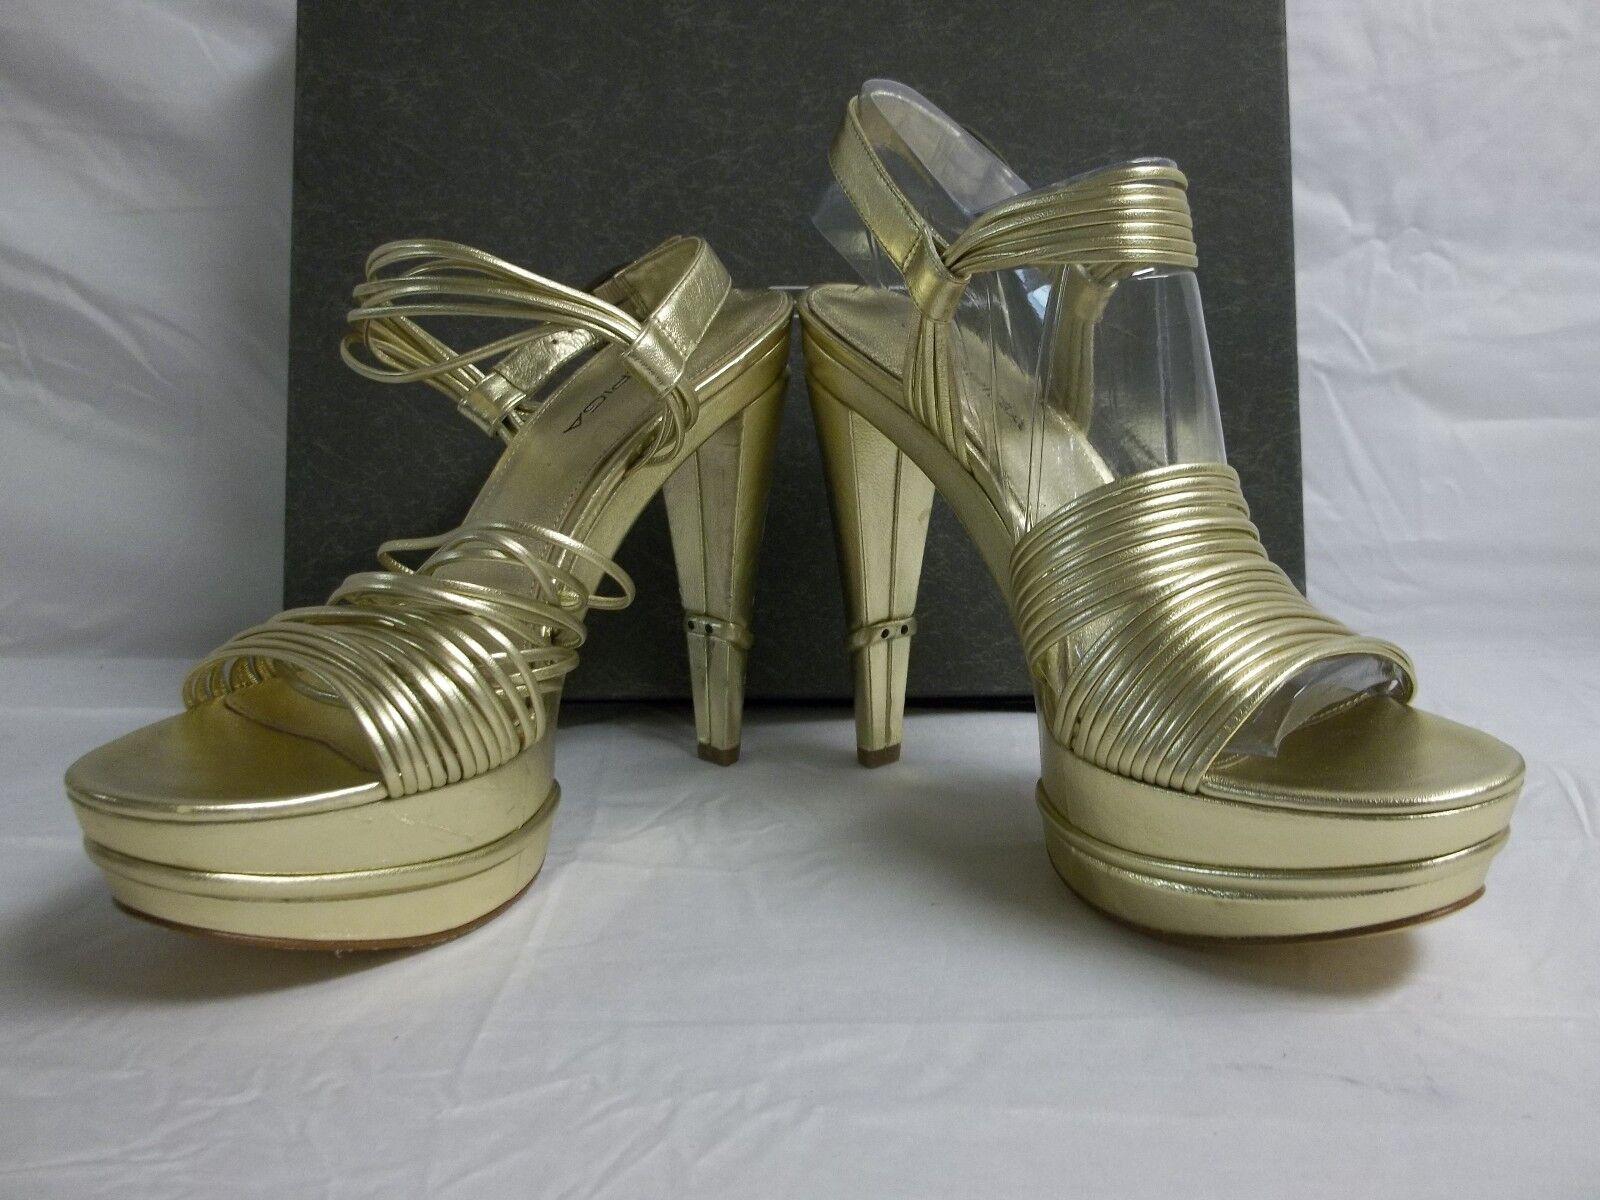 Via Spiga Größe 7.5 Leder M Aida Gold Leder 7.5 Open Toe Heels New Damenschuhe Schuhes SN9202B 27e2a4